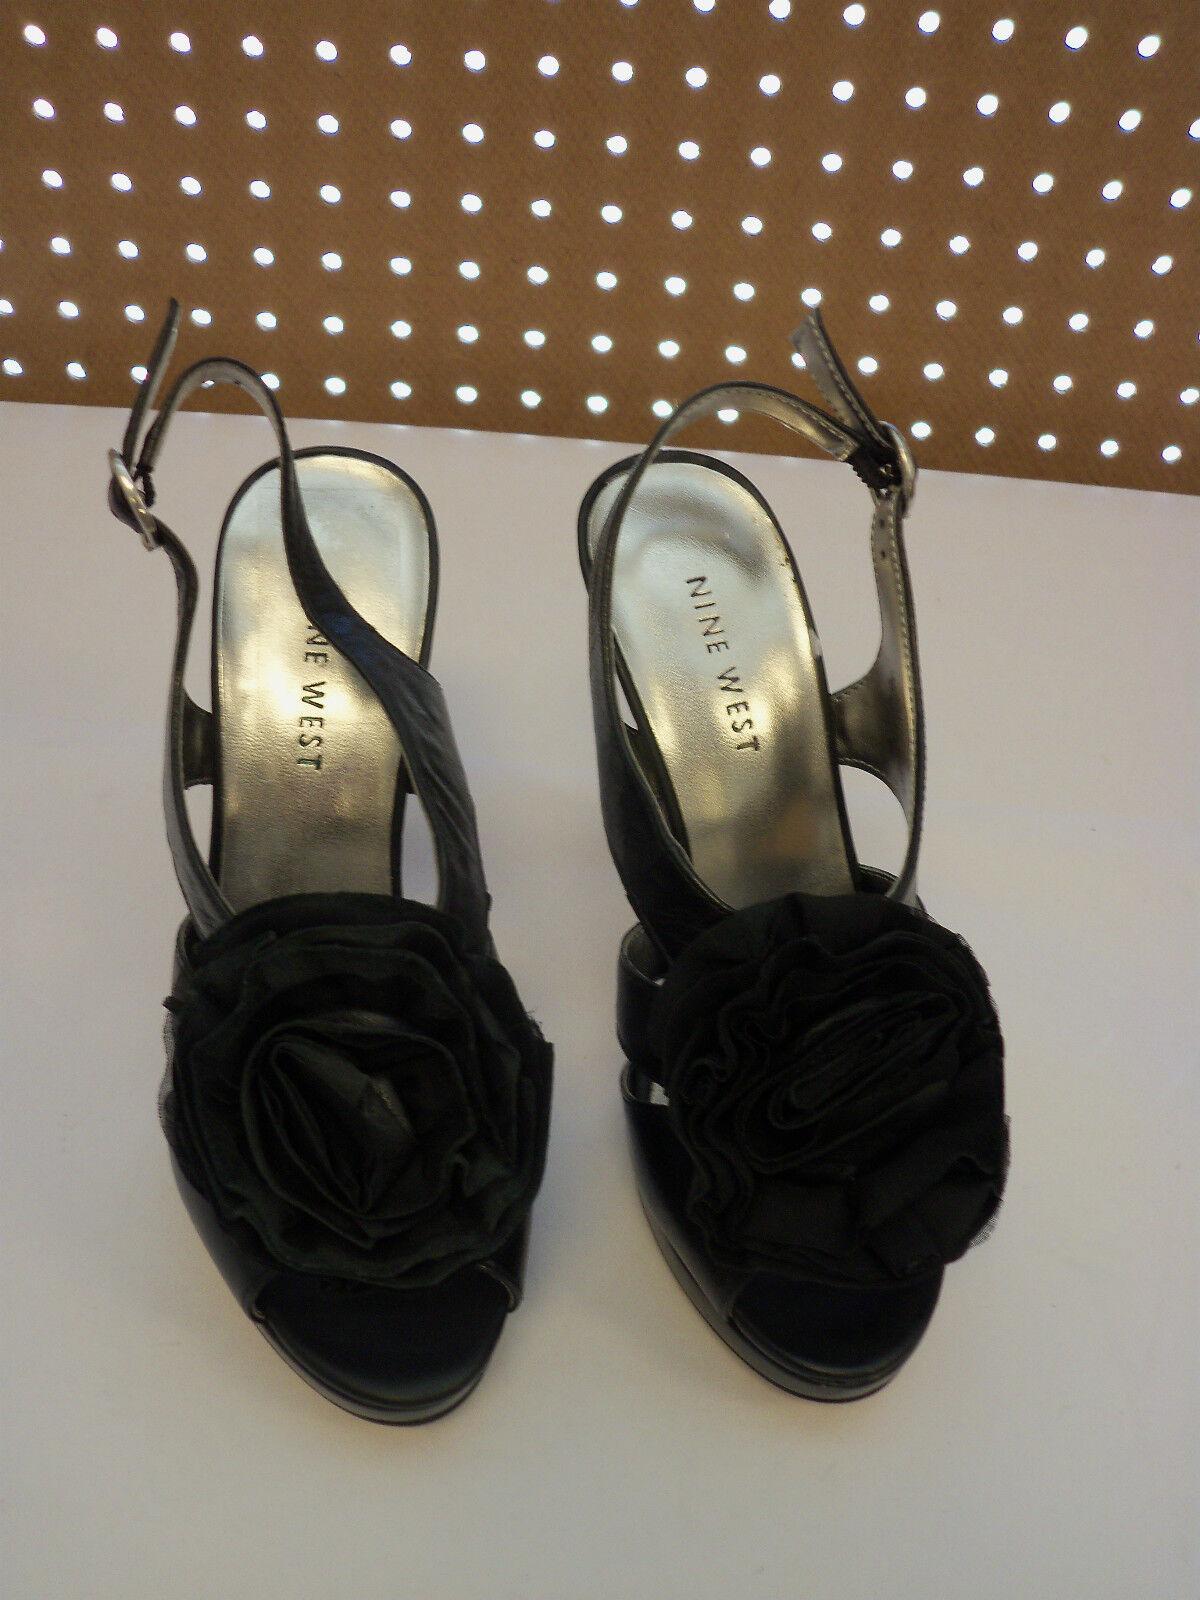 Nine West New donna Terrain nero Open Toe Heels 5  M scarpe  basso prezzo del 40%